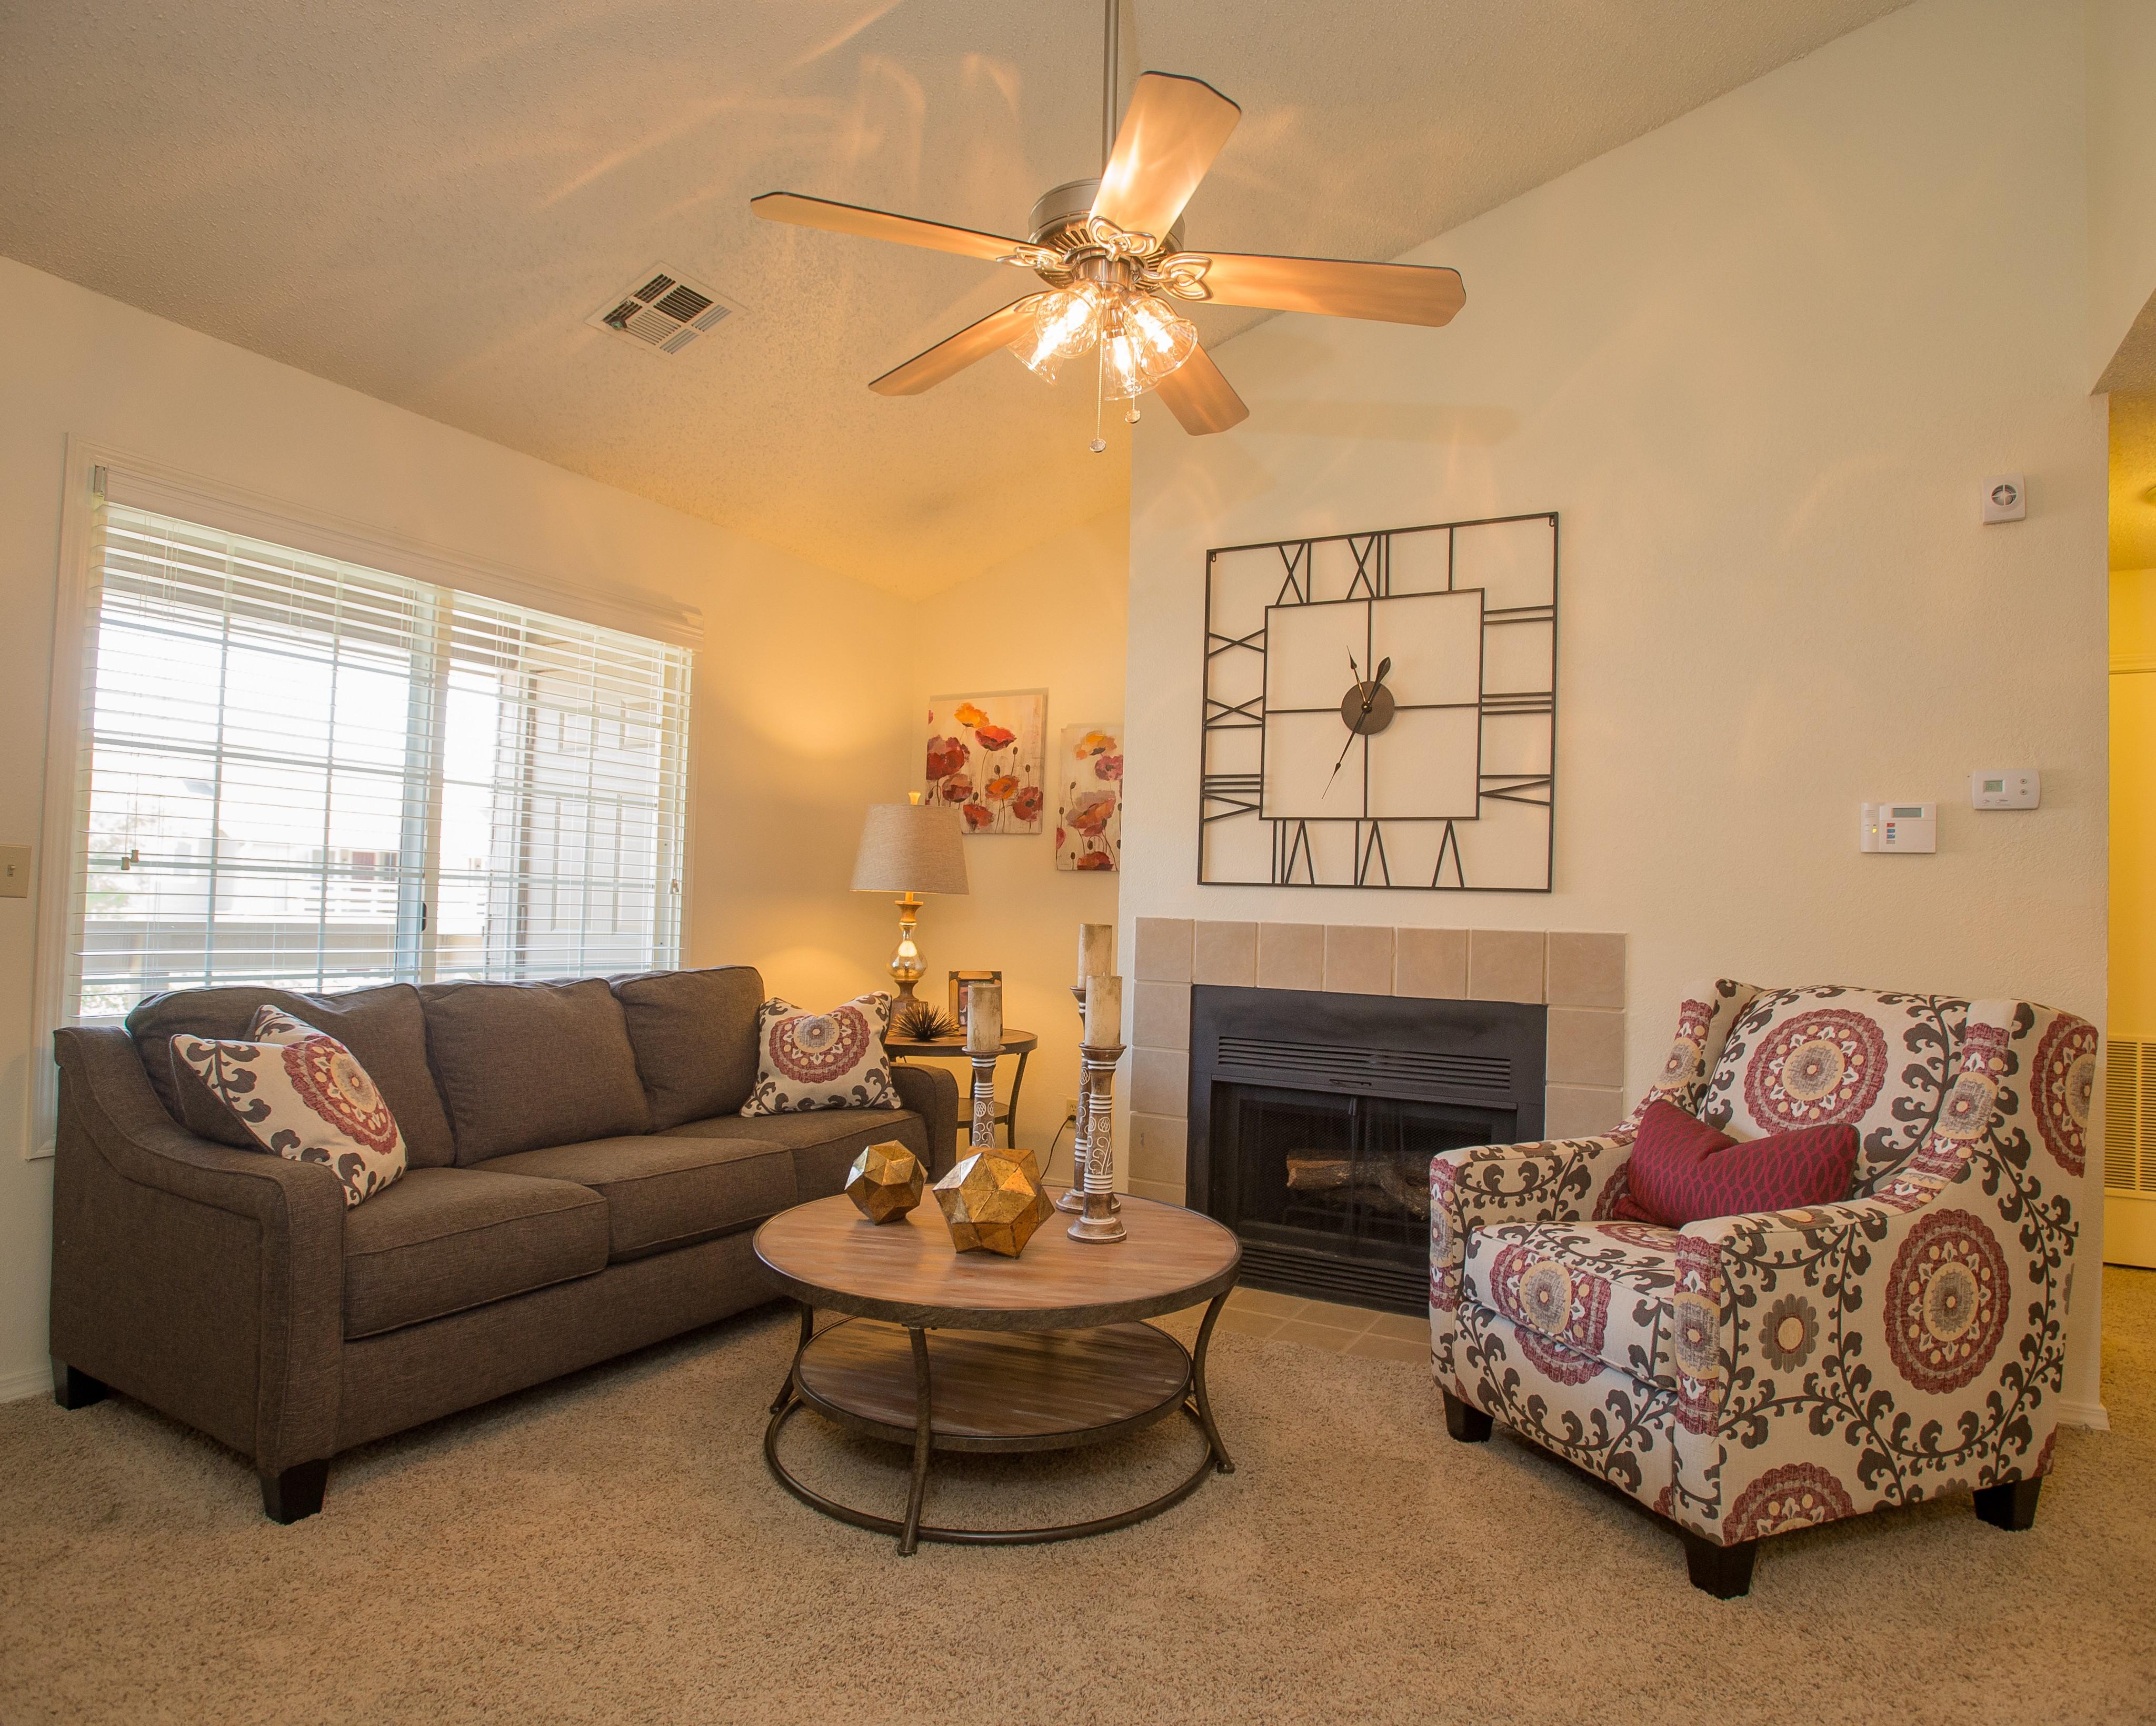 Tulsa, OK Off-Campus Apartments | College Rentals